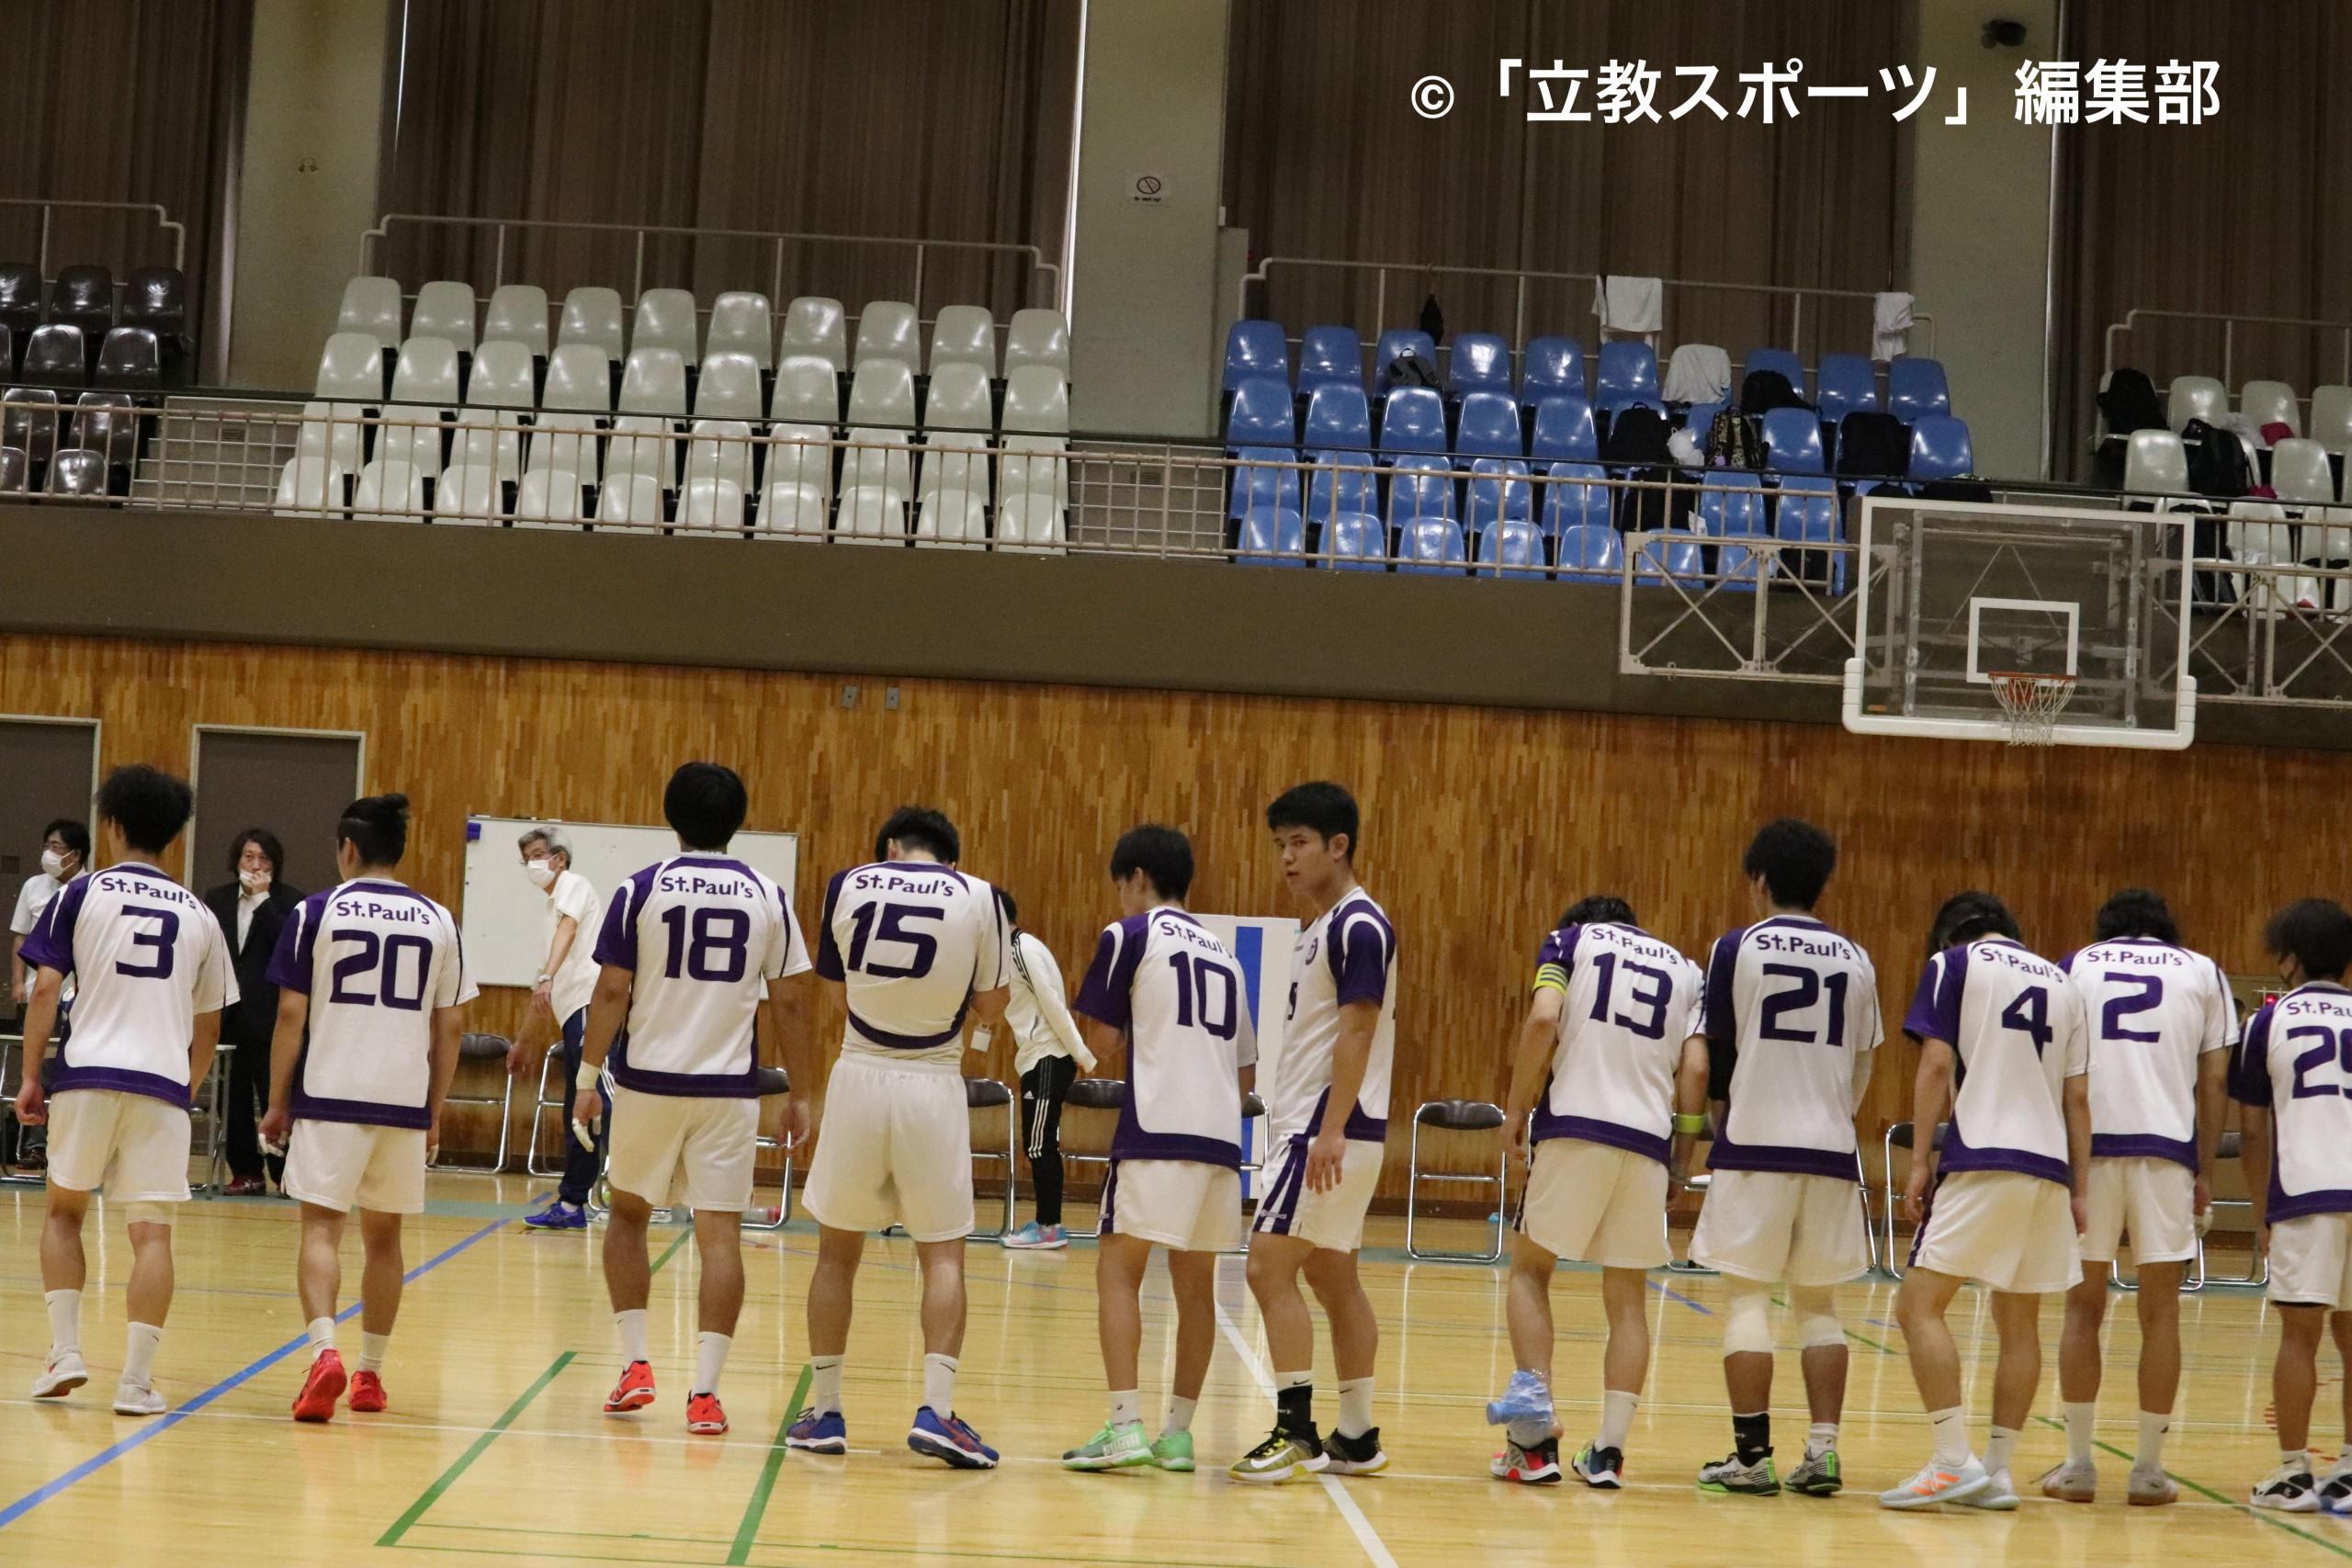 試合終了後、整列をする選手たち